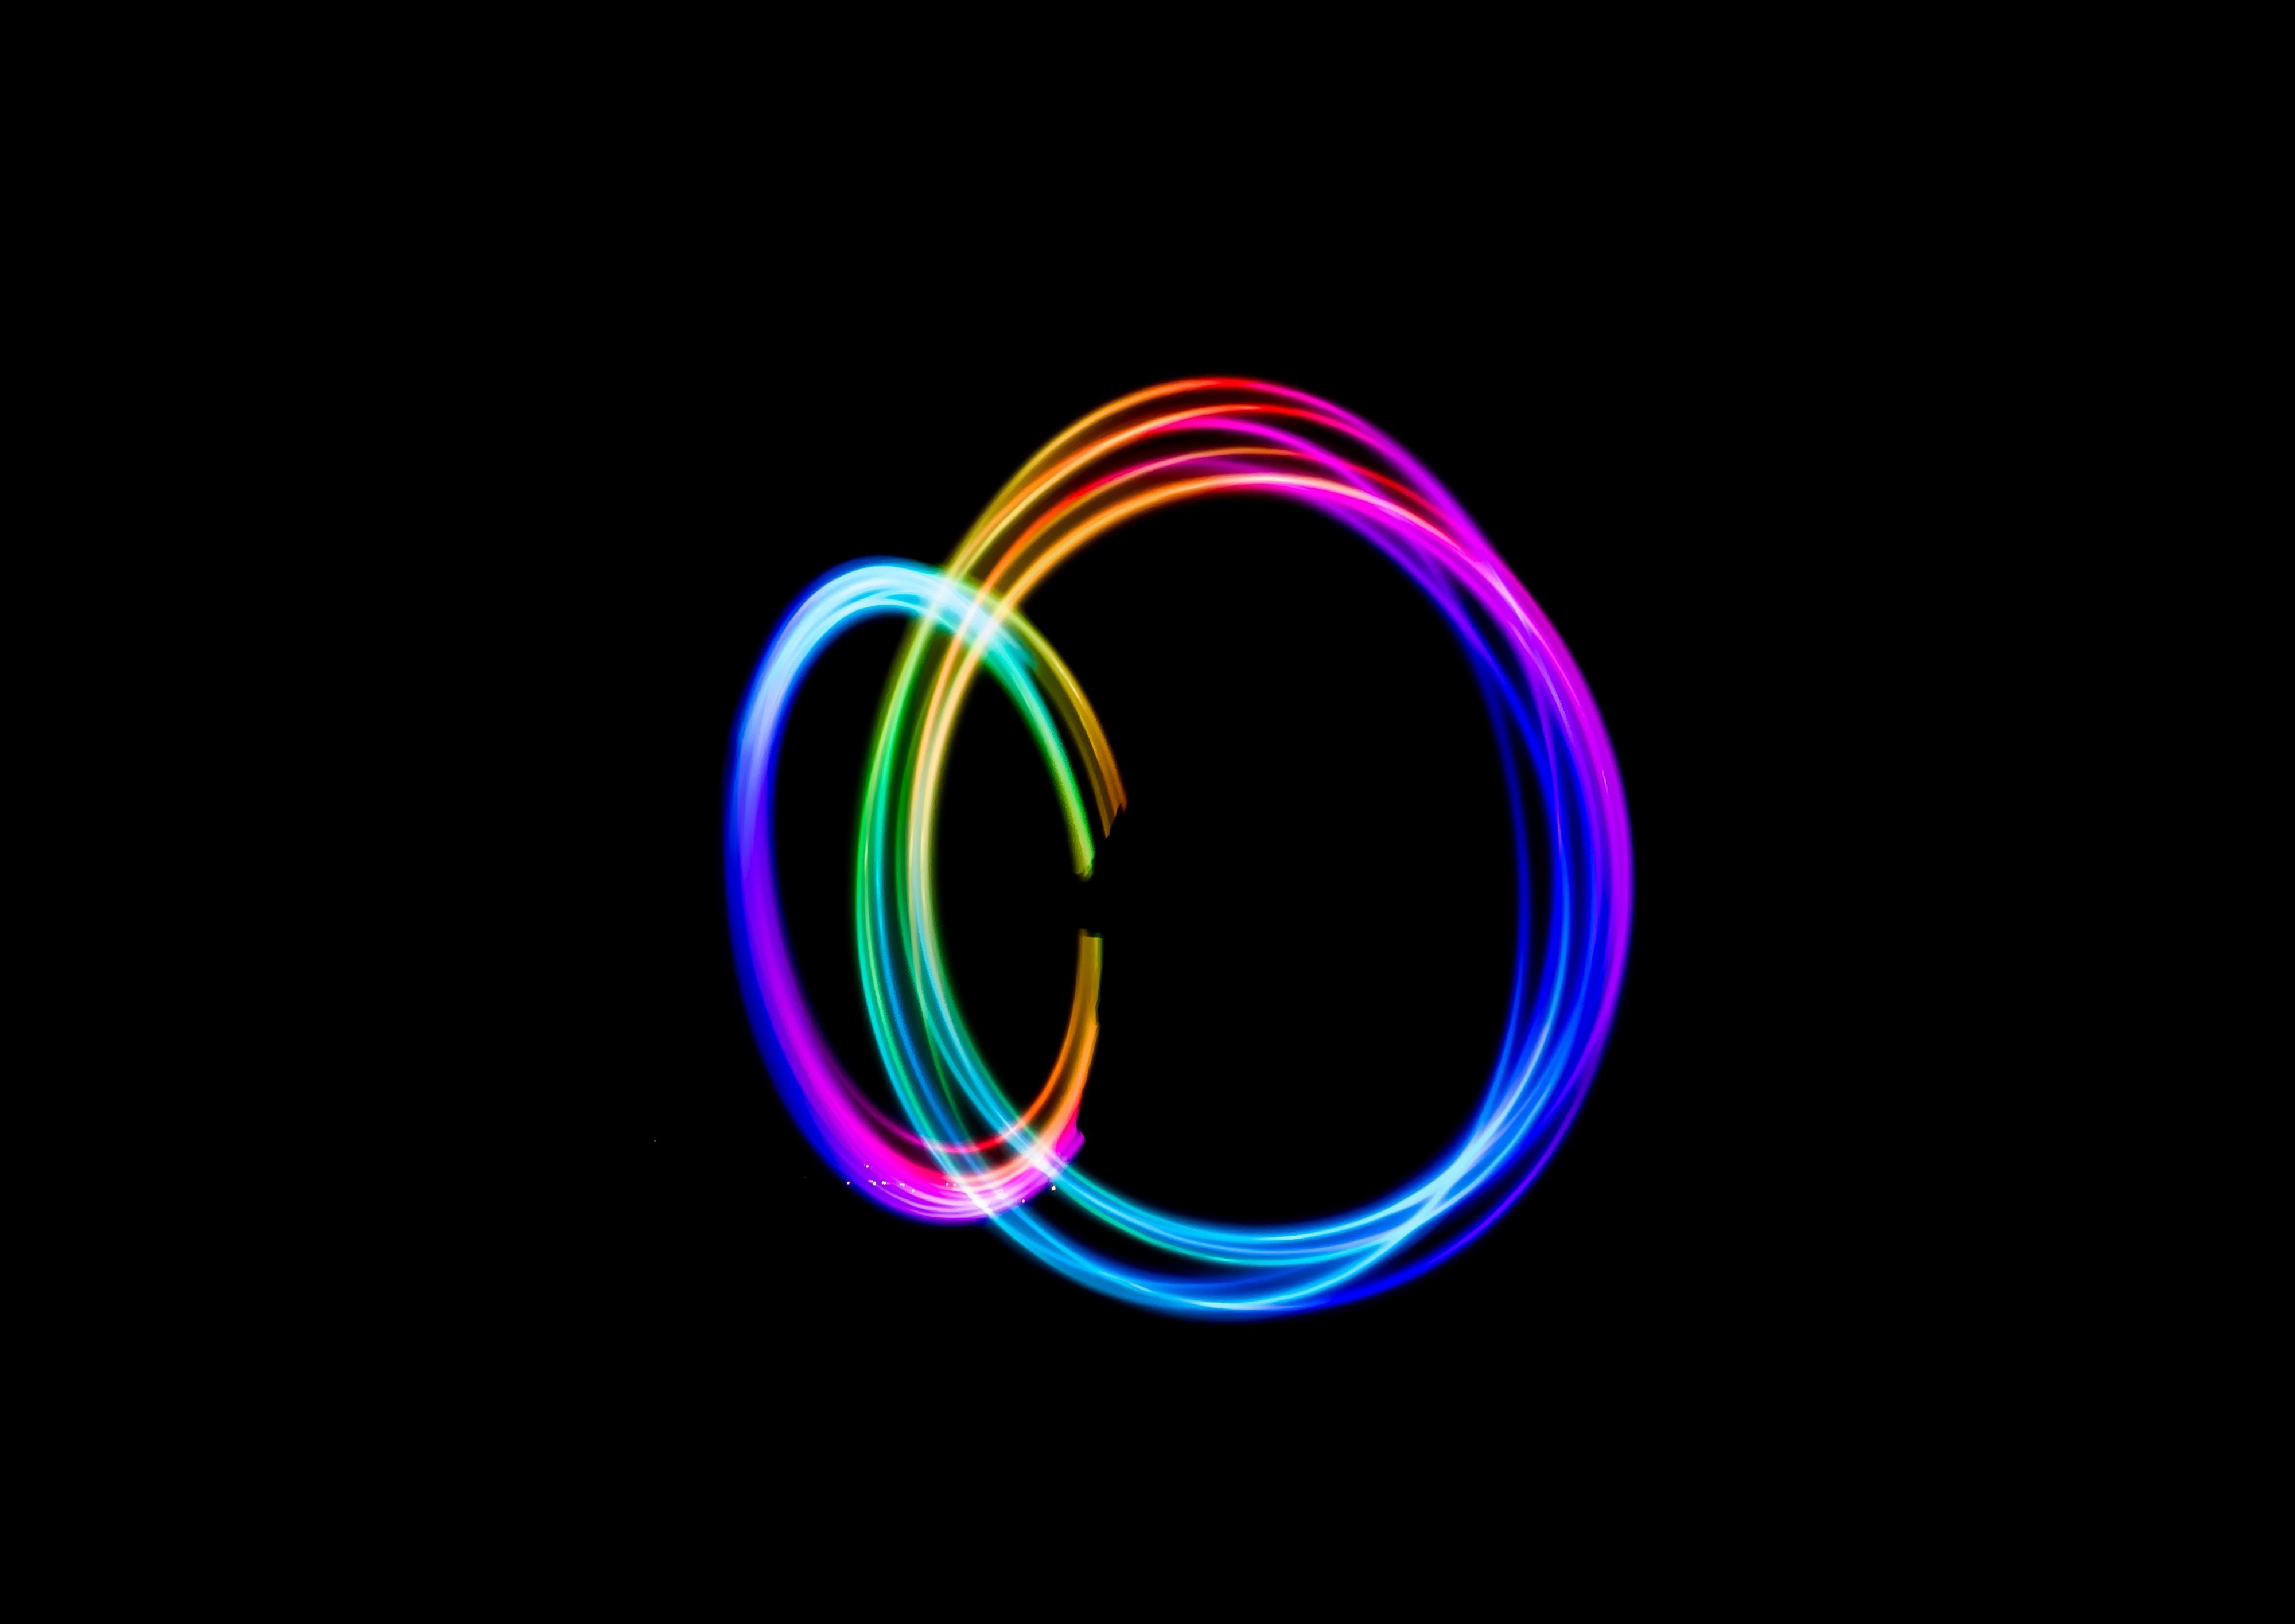 Bộ hình nền đen sắc màu cầu vồng